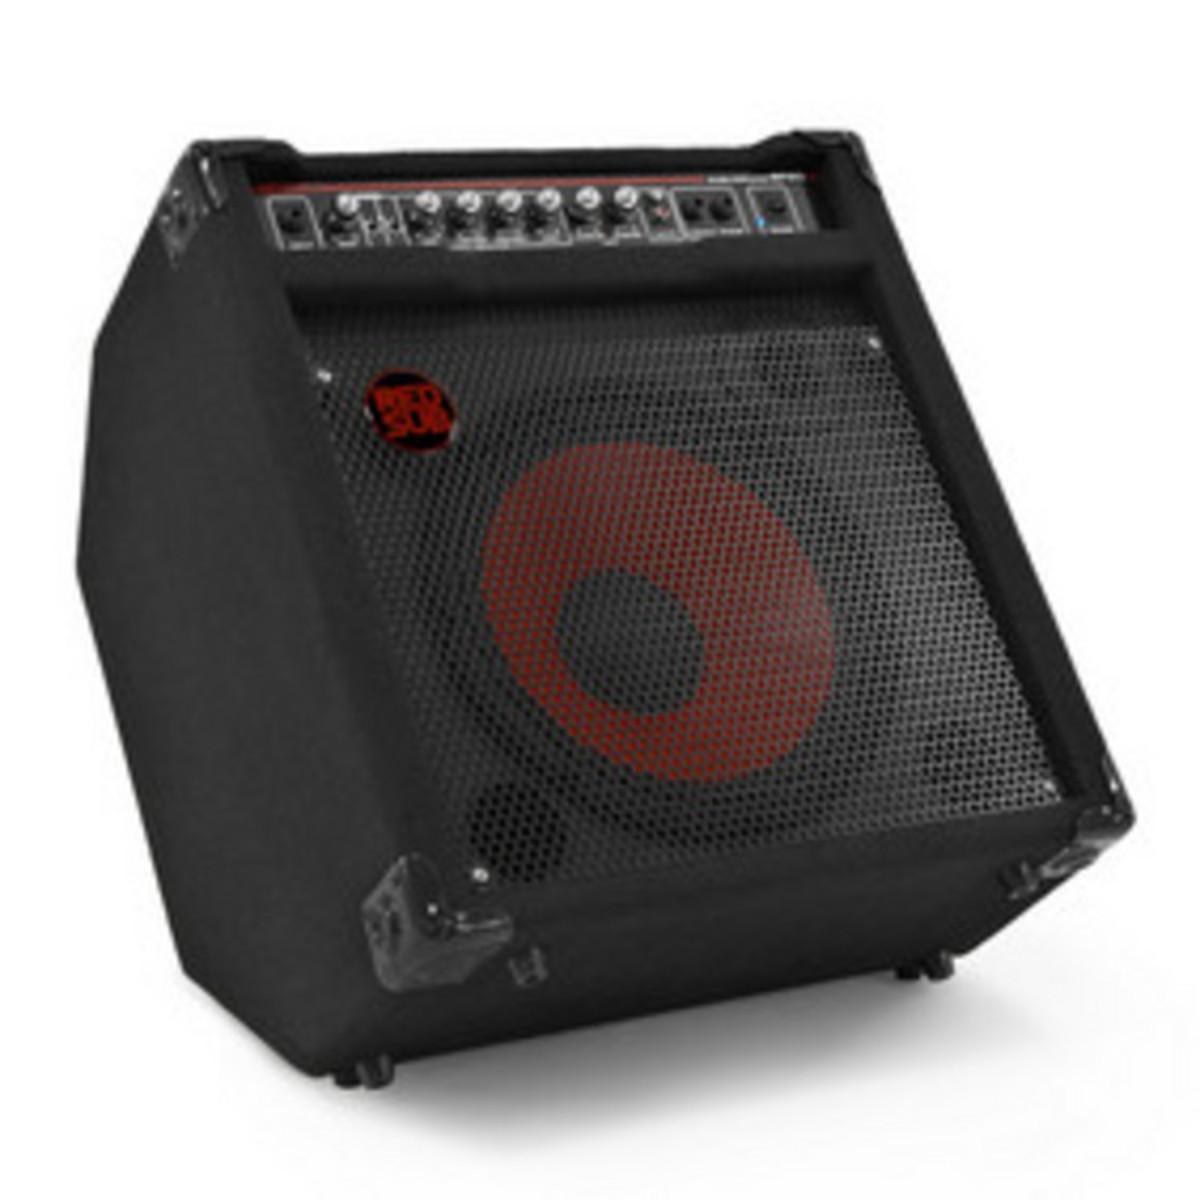 Citaten Enkele Of Dubbele Aanhalingstekens : Docnet test product op gear music